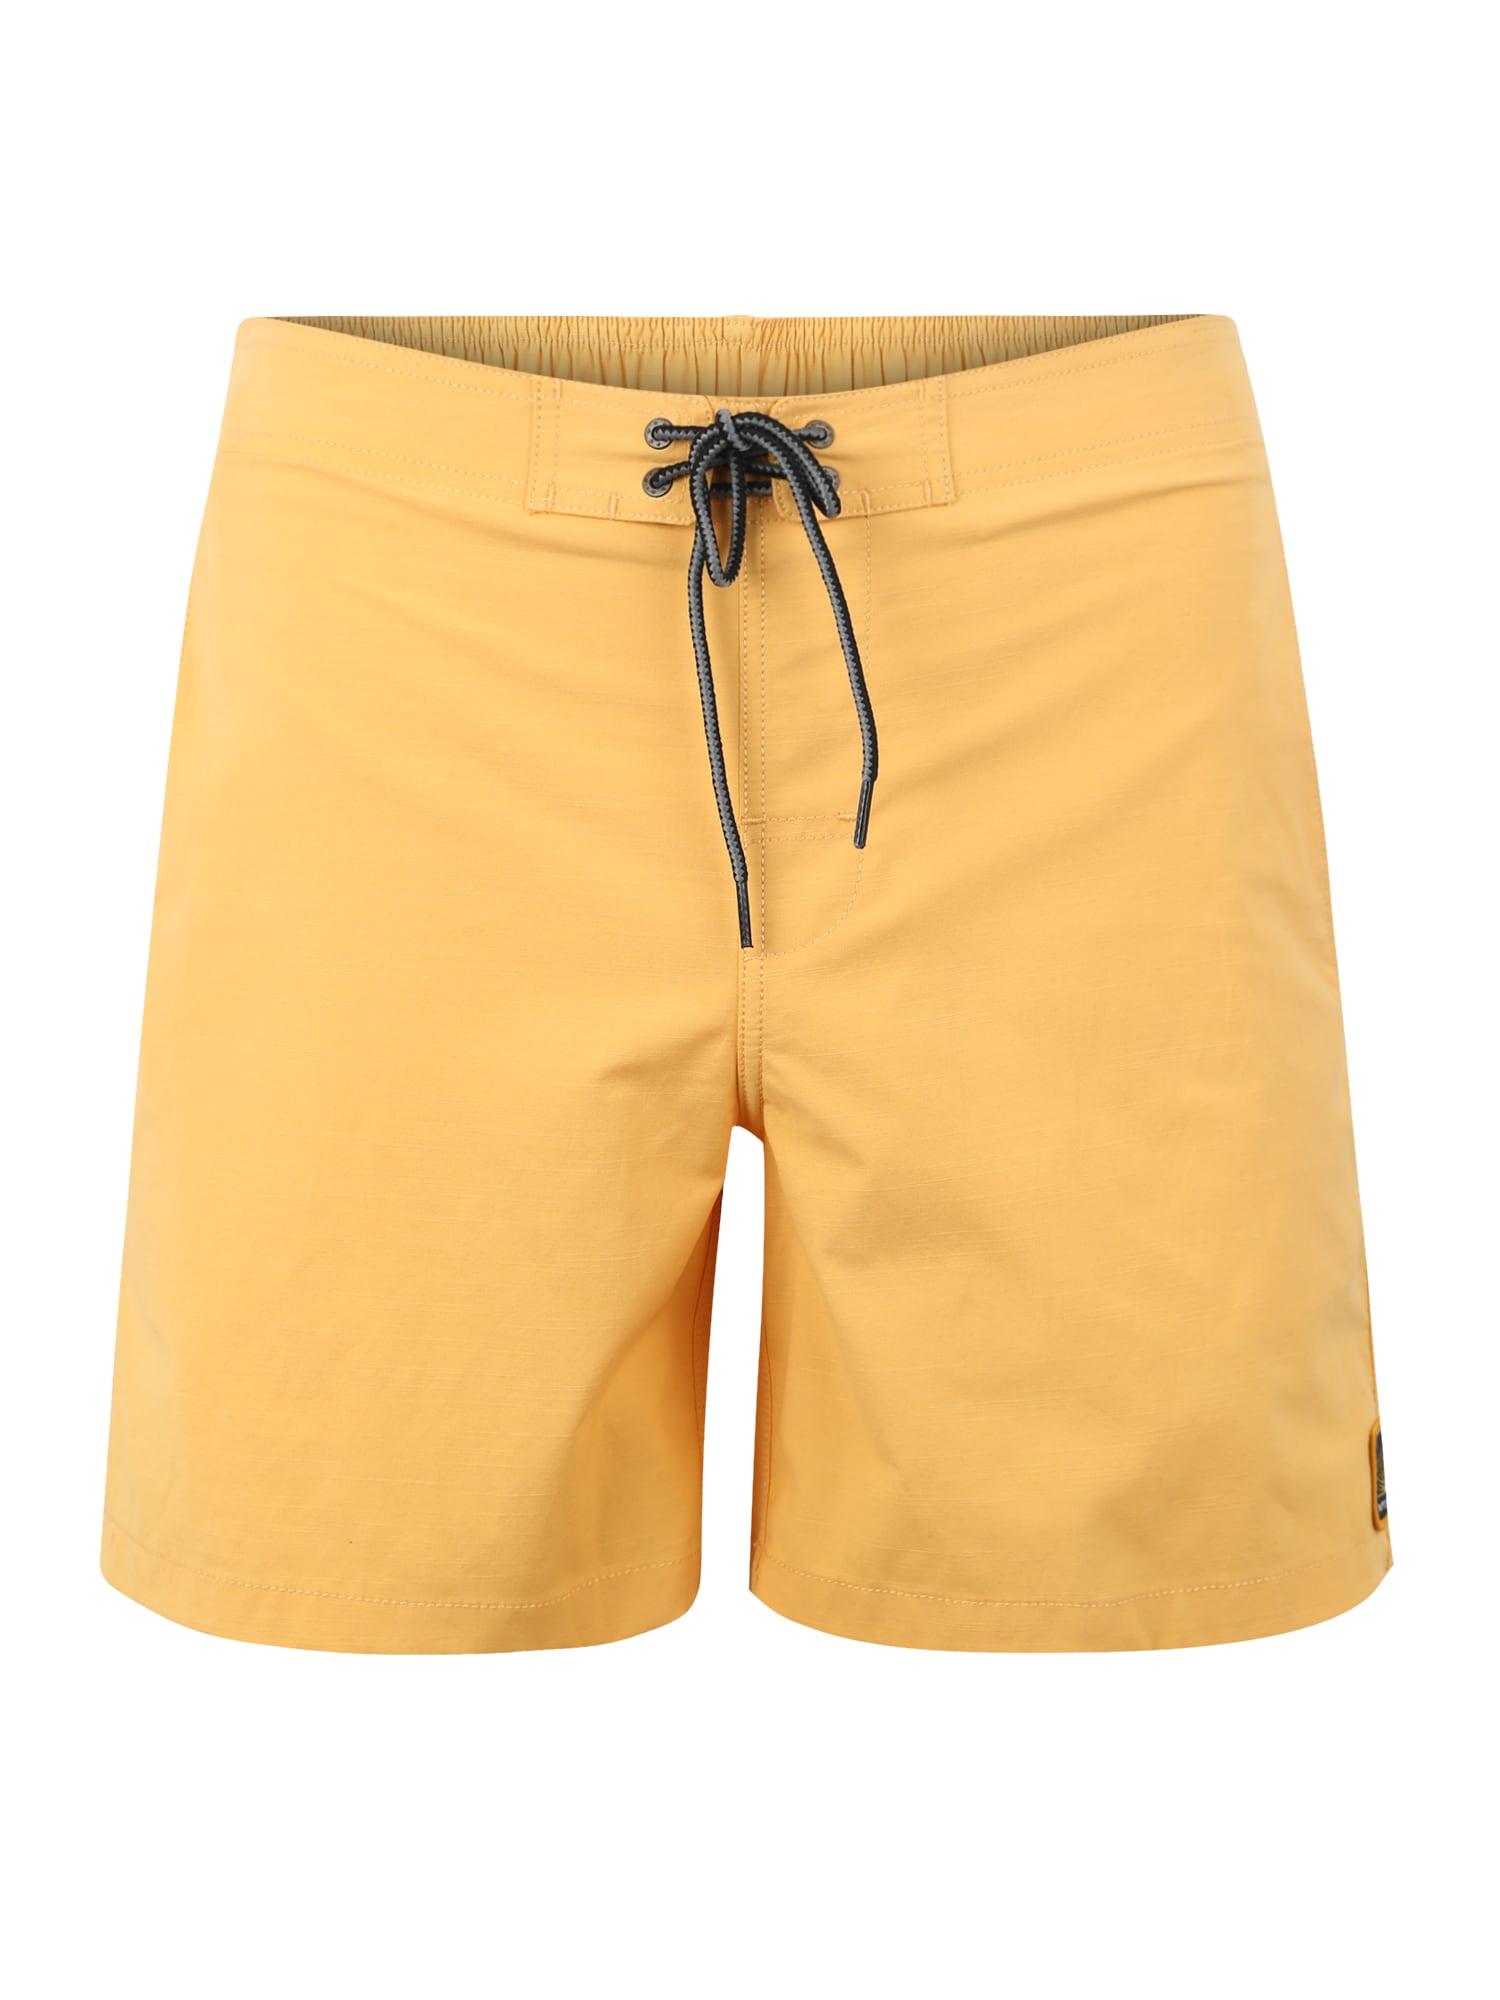 Plavecké šortky SEMI- ELASTICATED ERA 16 zlatě žlutá RIP CURL